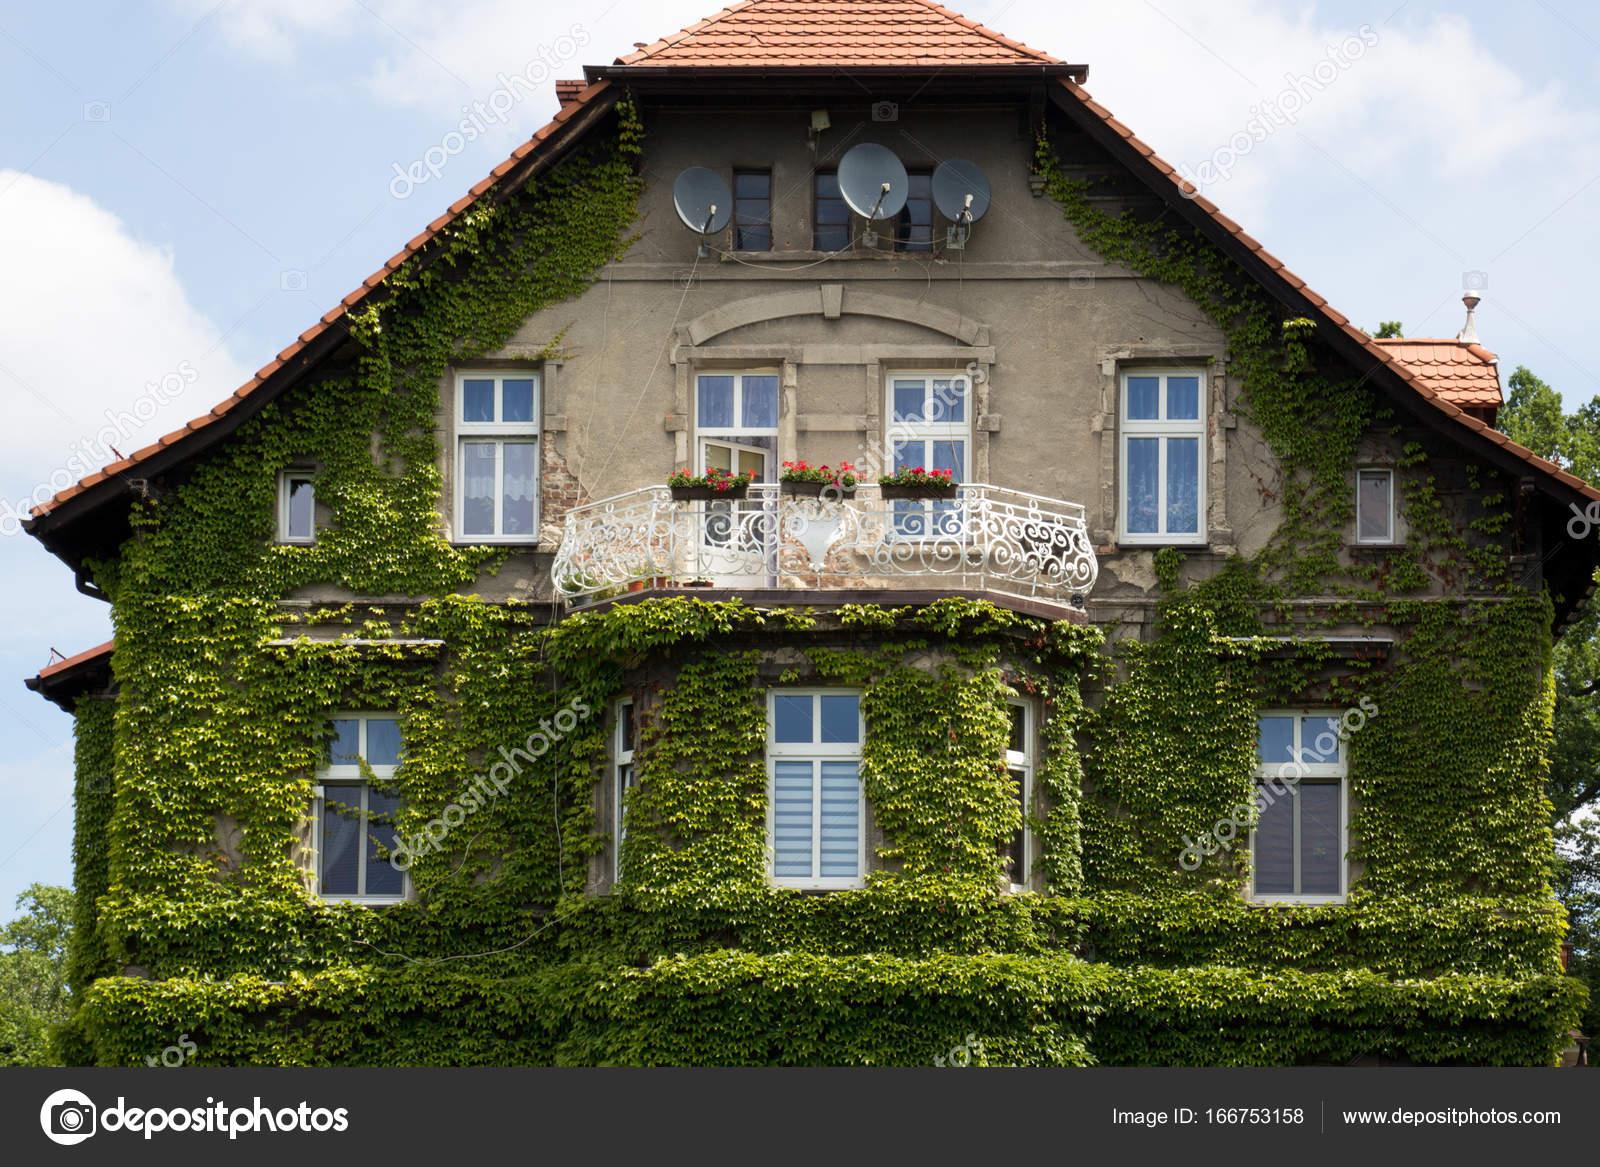 fa ade de maison avec balcon sont recouverts de lierre vert photographie bogdankhmel 166753158. Black Bedroom Furniture Sets. Home Design Ideas